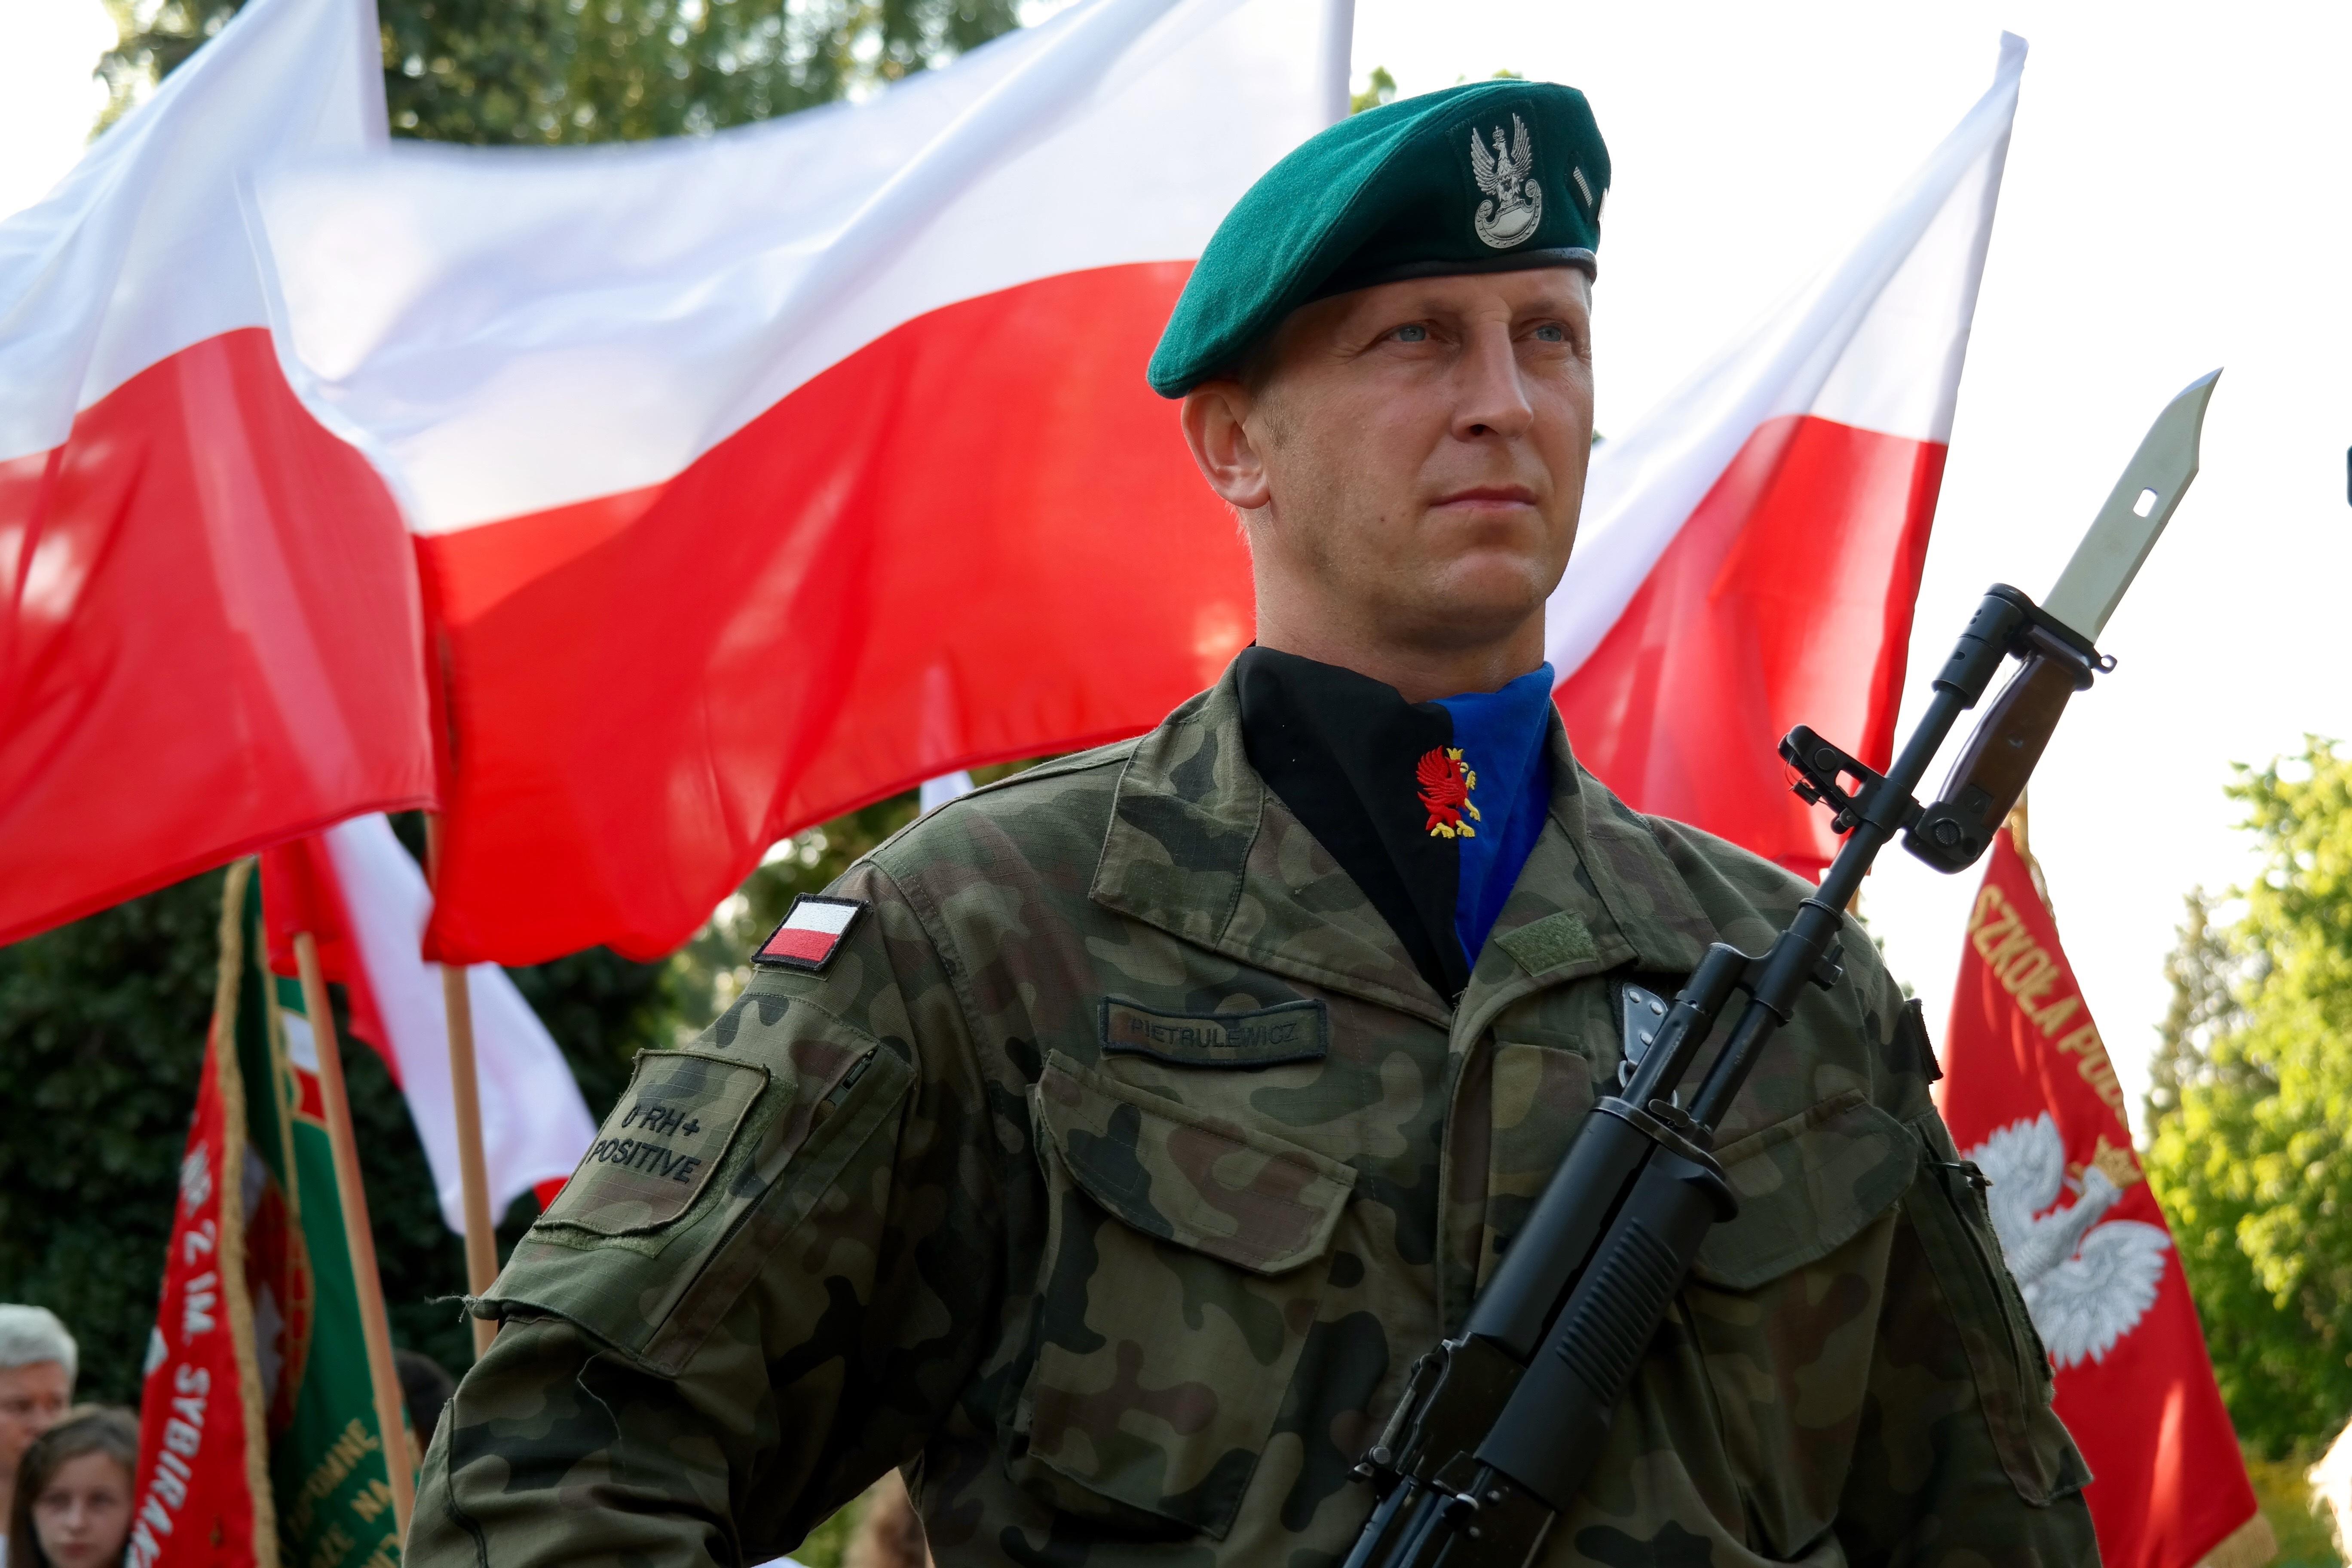 Heiße Militärsoldaten